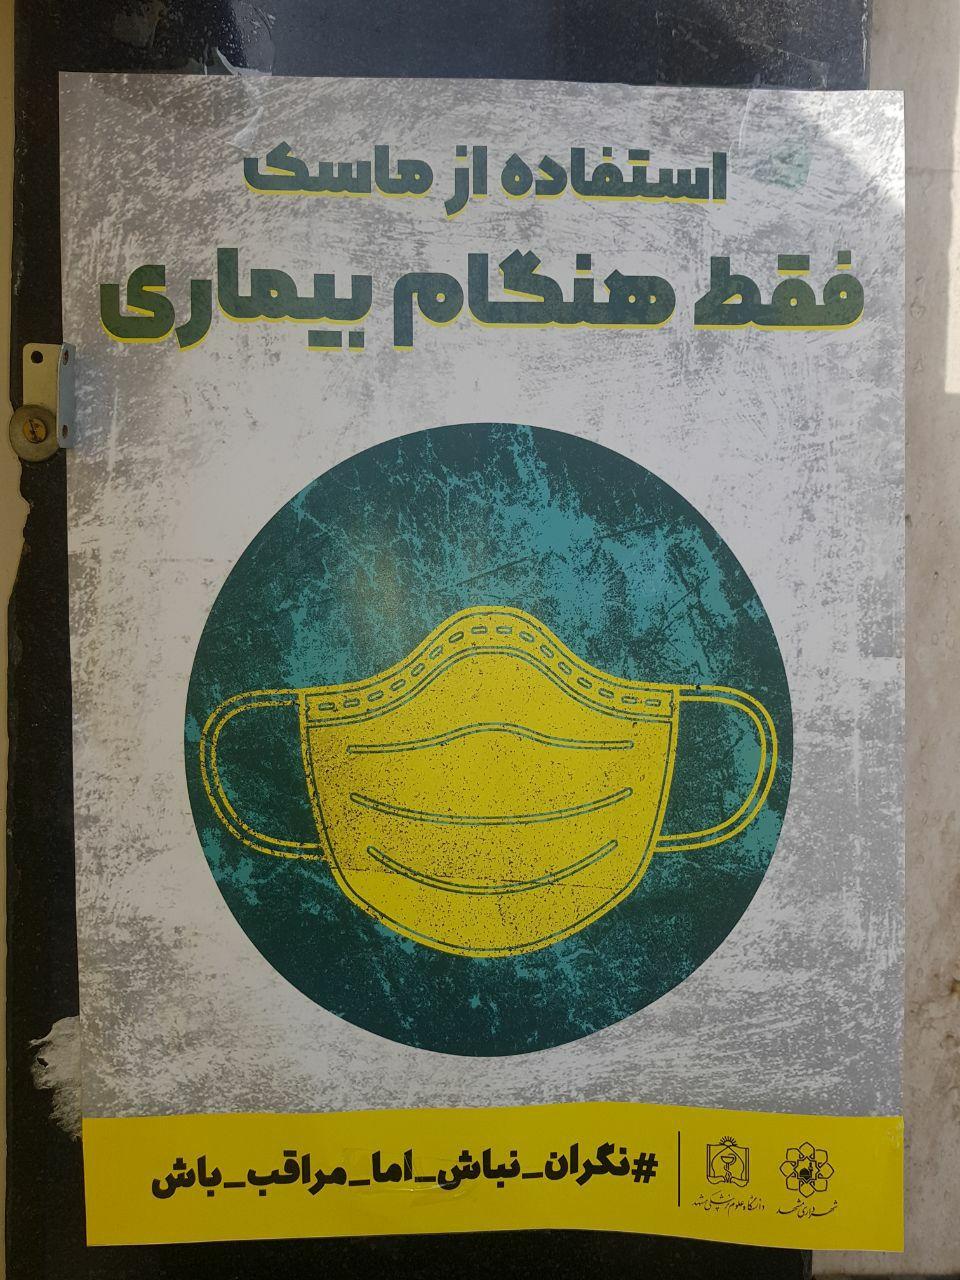 #الو سلام کل مشهد پر شده از ای … 317364001583133605